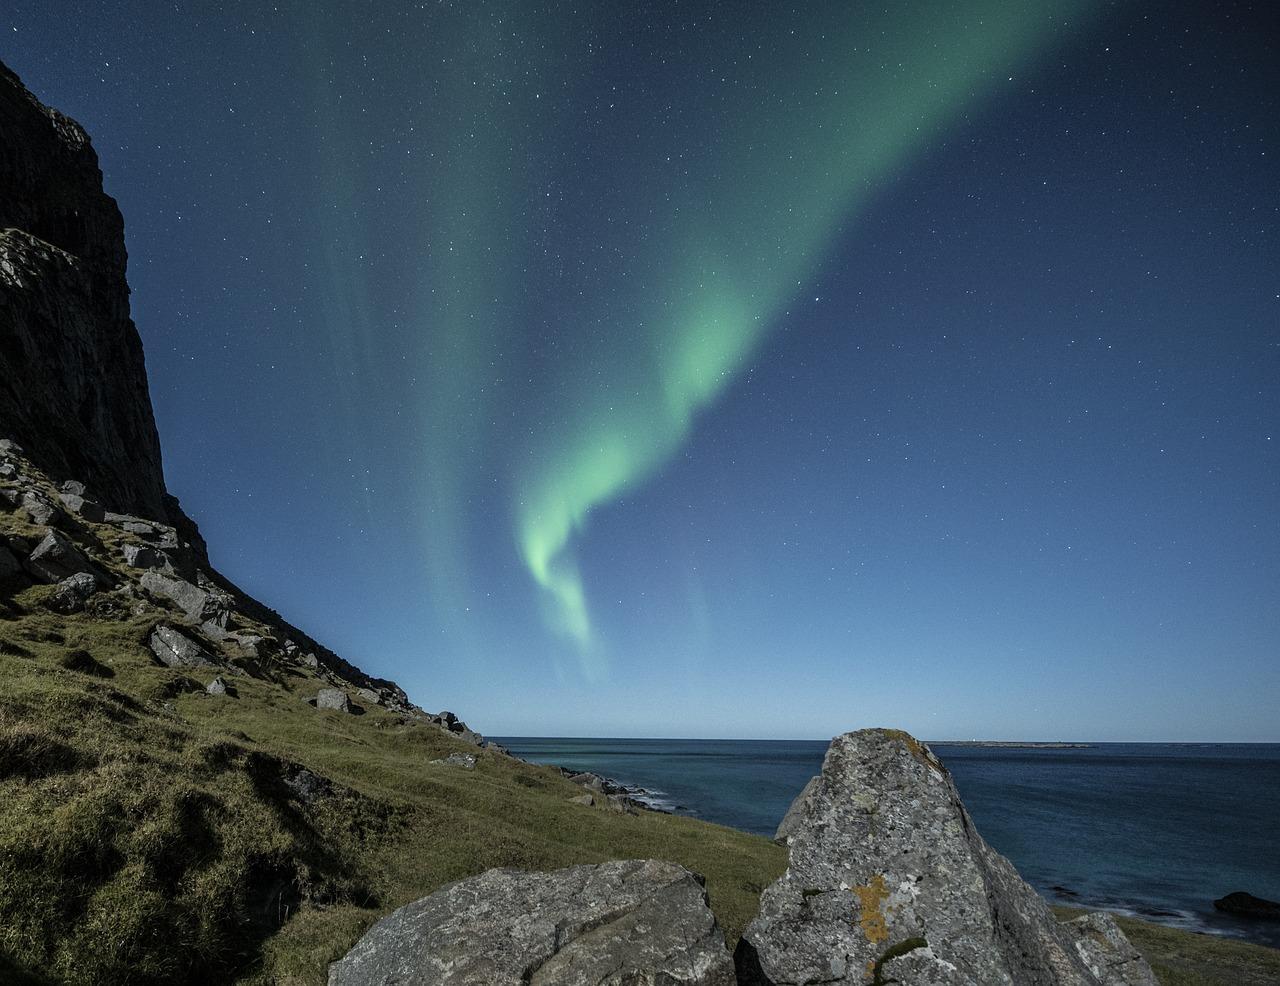 aurora-borealis-1032518_1280